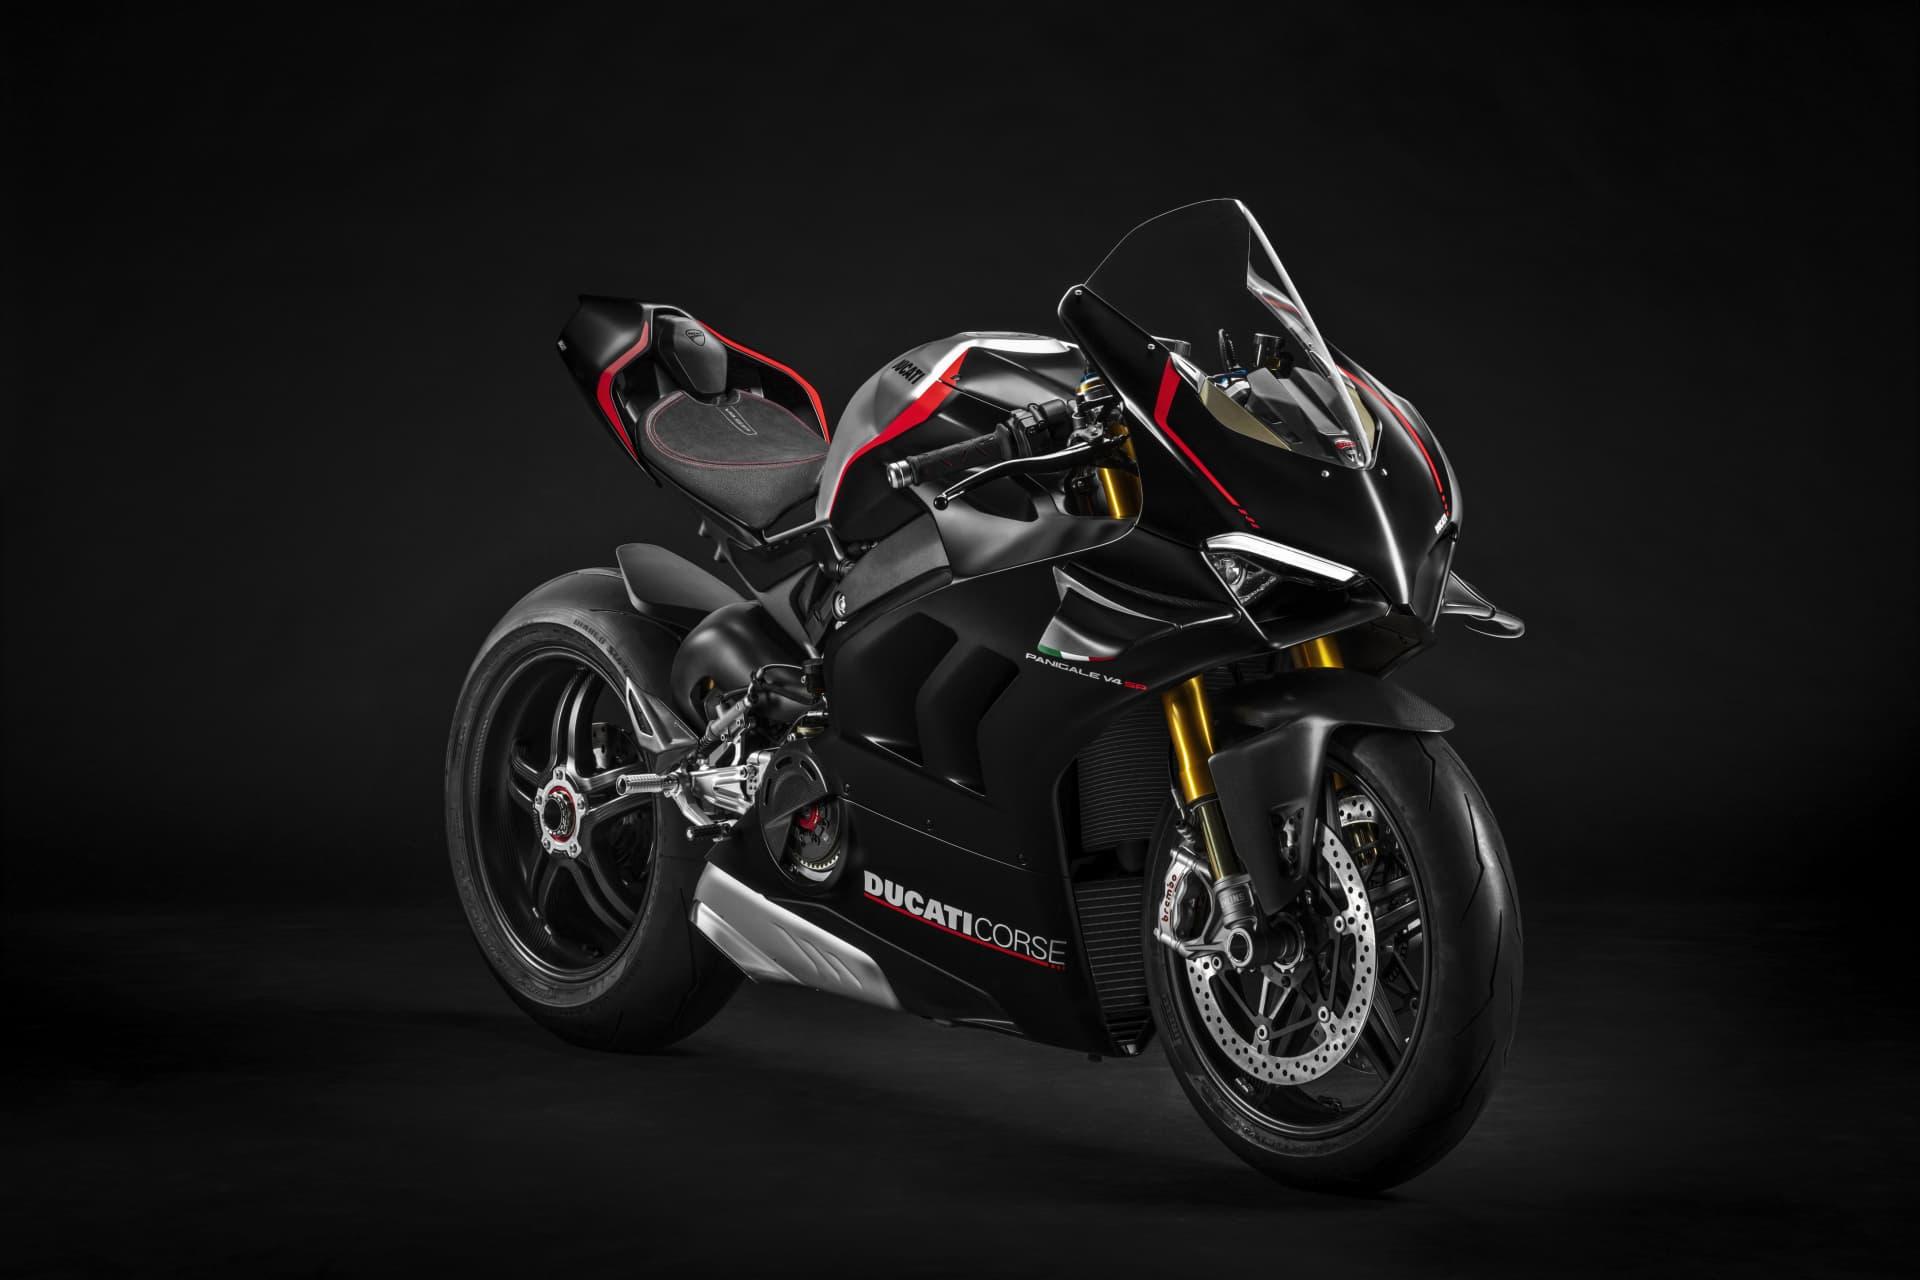 Ducati Panigale V4 Sp 2021 01